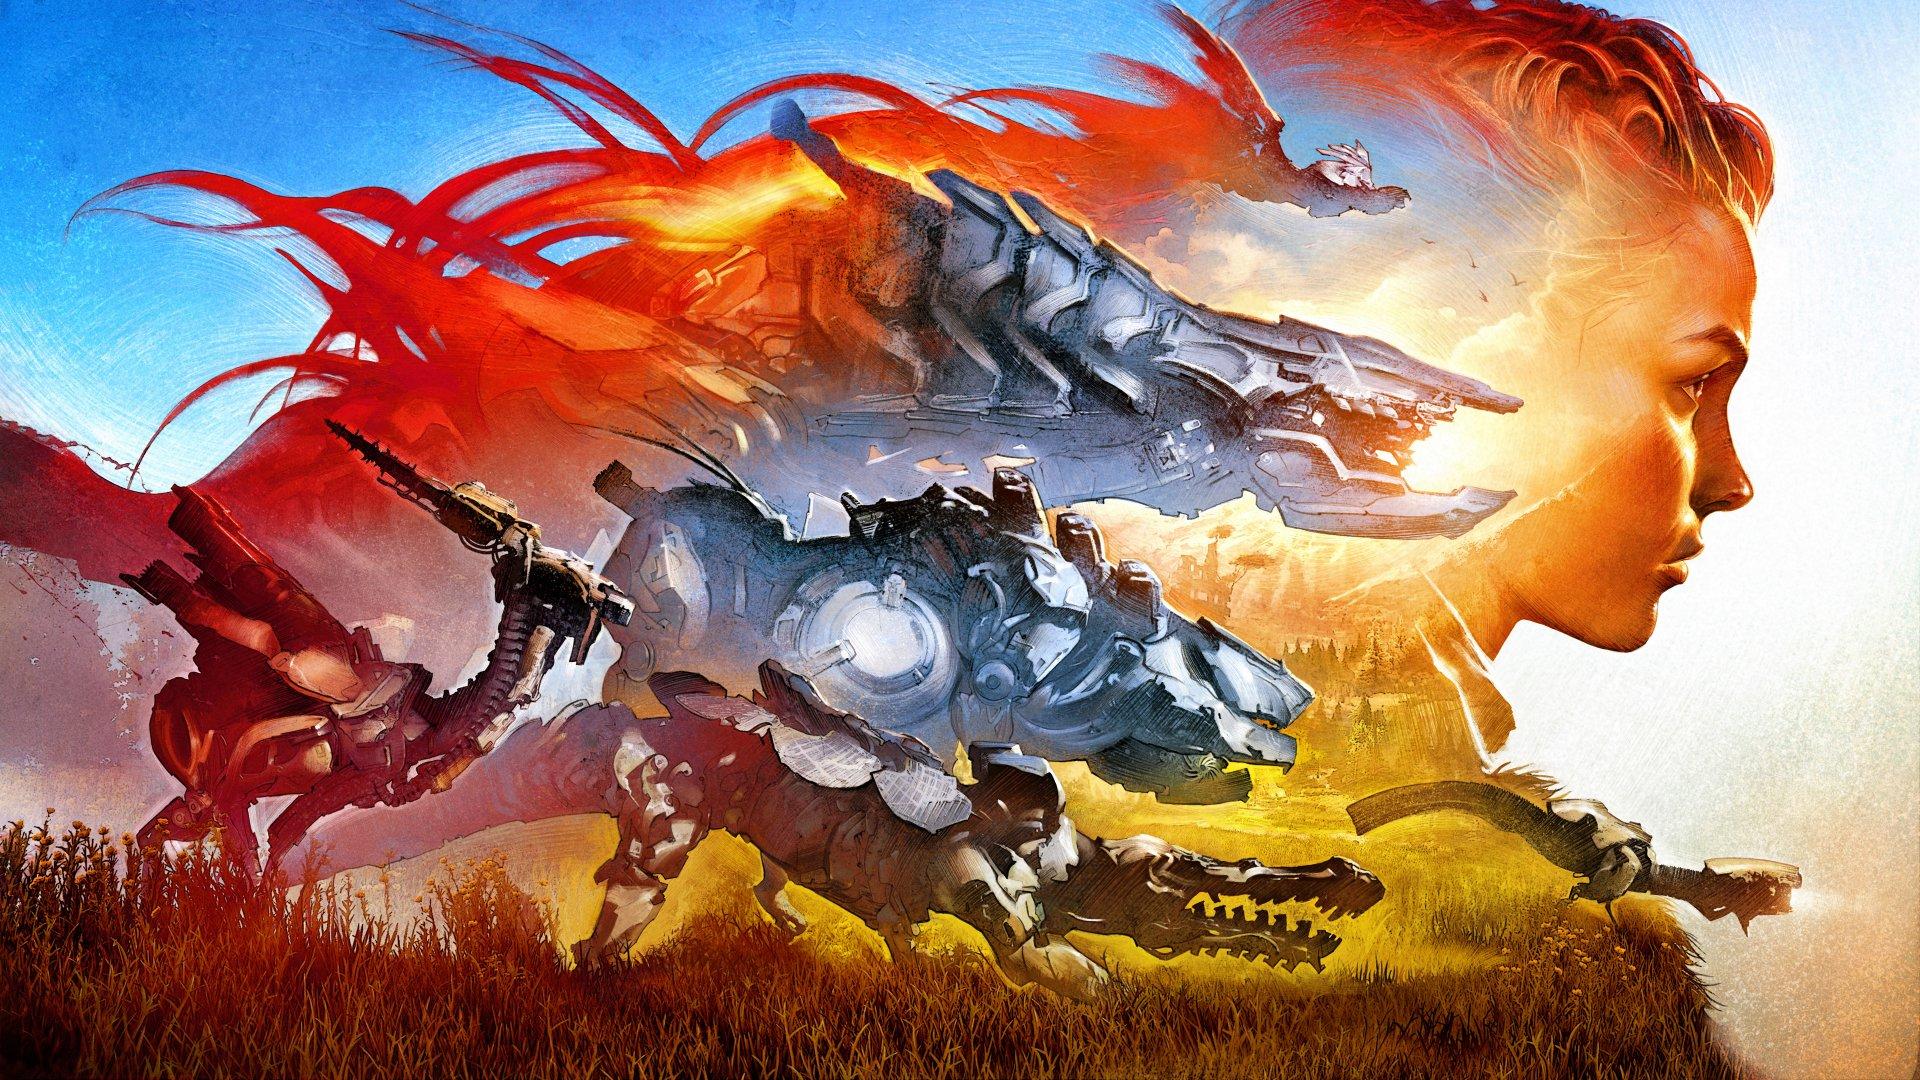 Computerspiele - Horizon Zero Dawn  Wallpaper